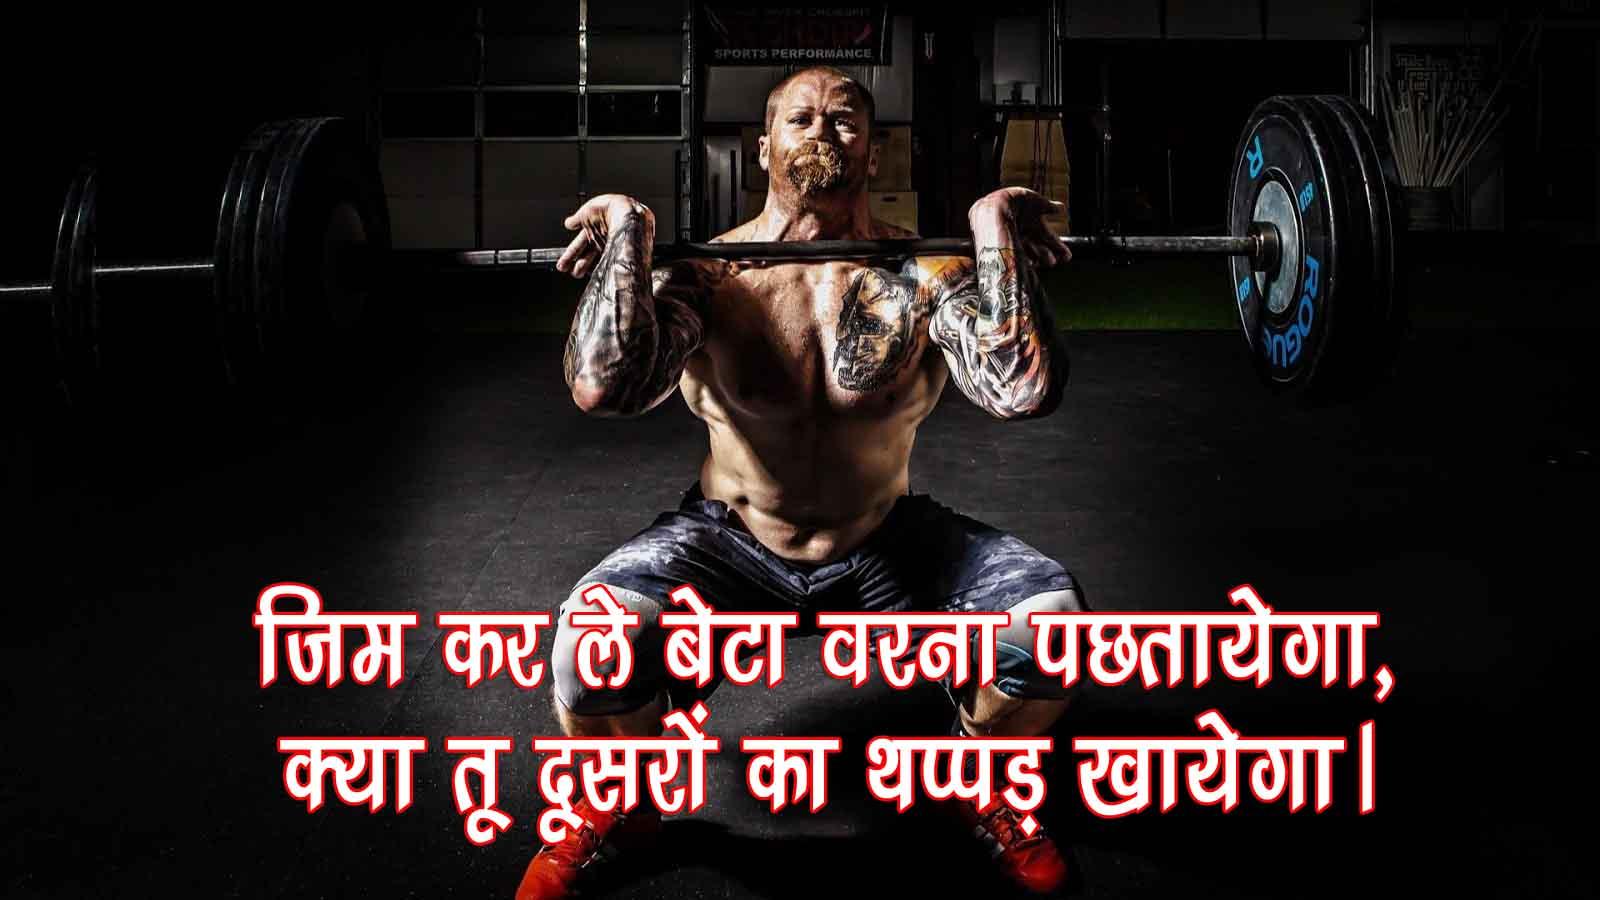 Gym Shayari in Hindi